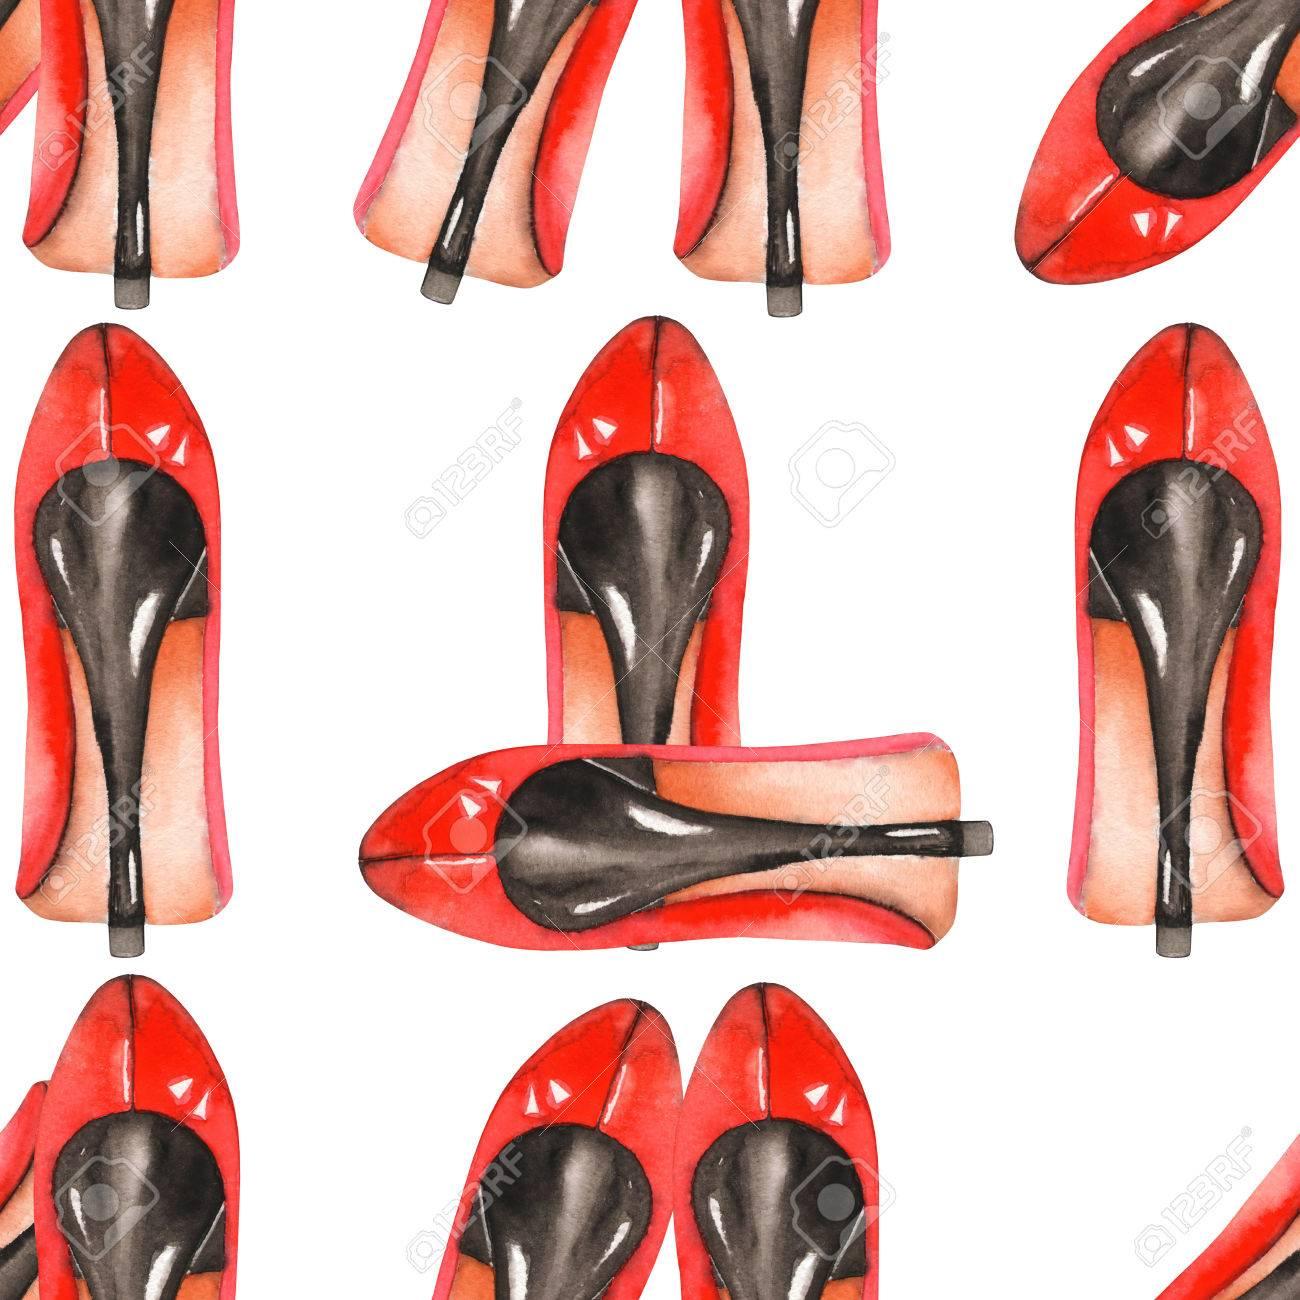 outlet store a84e7 50c56 Un modello senza soluzione di continuità con le scarpe rosse acquerello  disegnato a mano delle donne sui talloni. Dipinta su uno sfondo bianco.